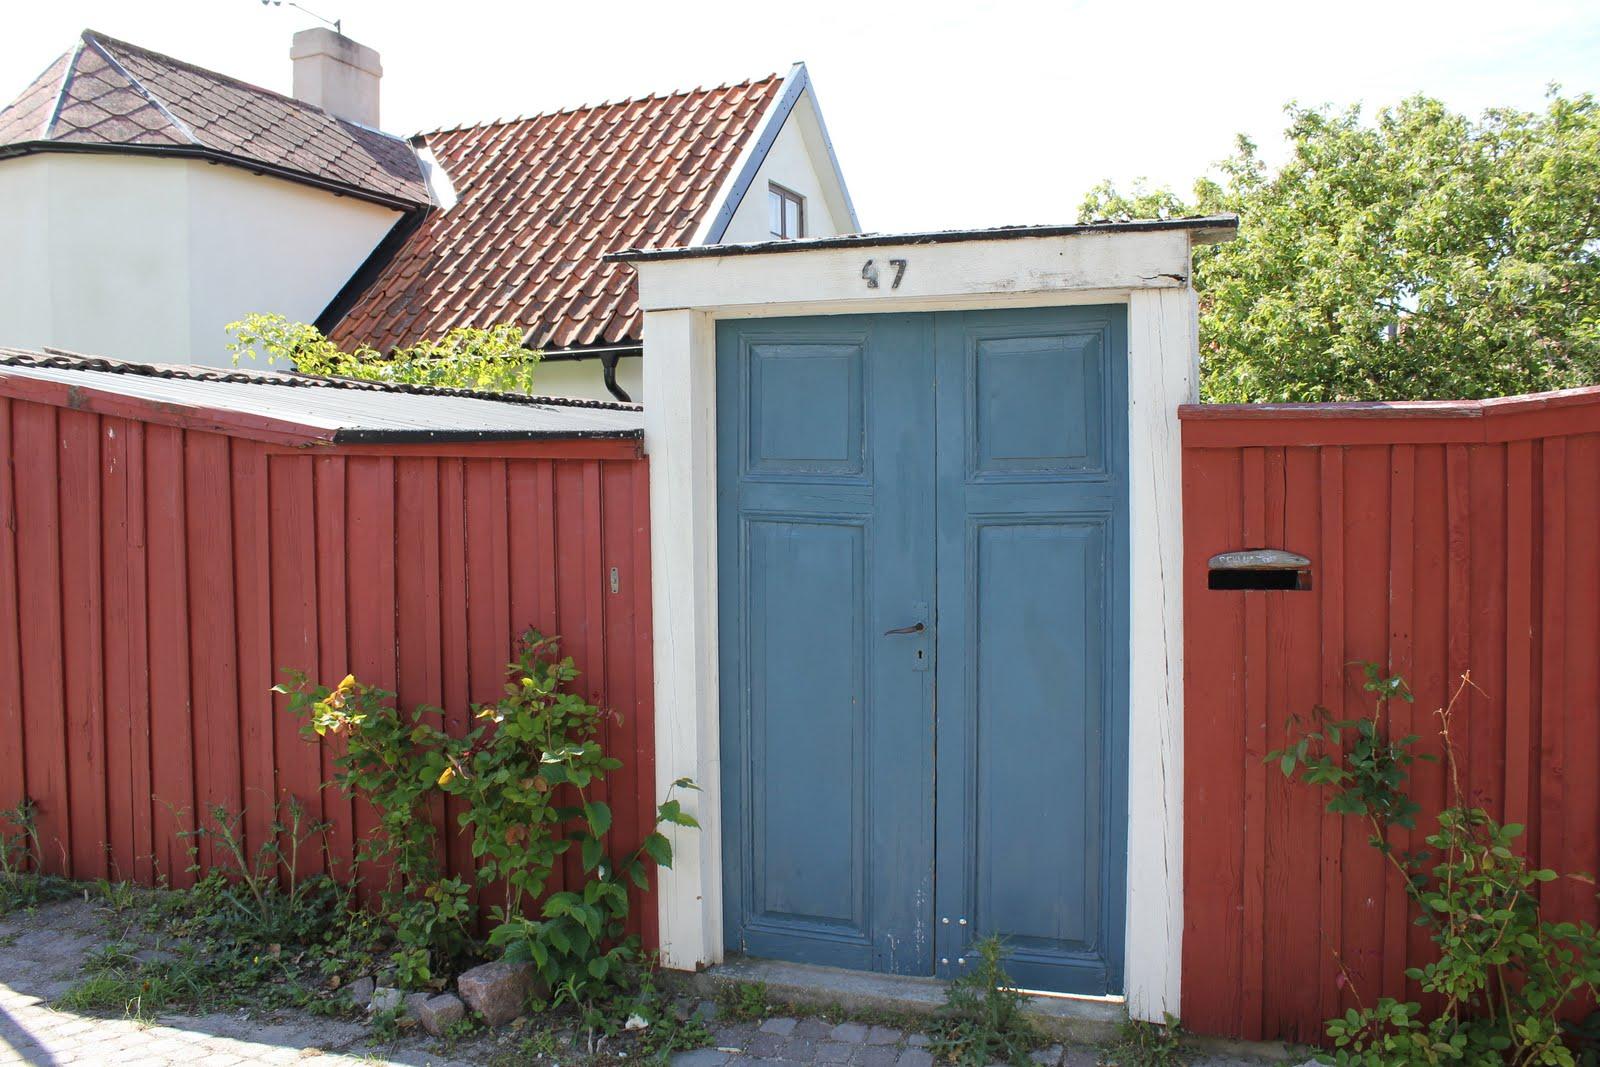 Trädgård plank trädgård : Fägring och mylla och allt trädgÃ¥rdens goda: Visby